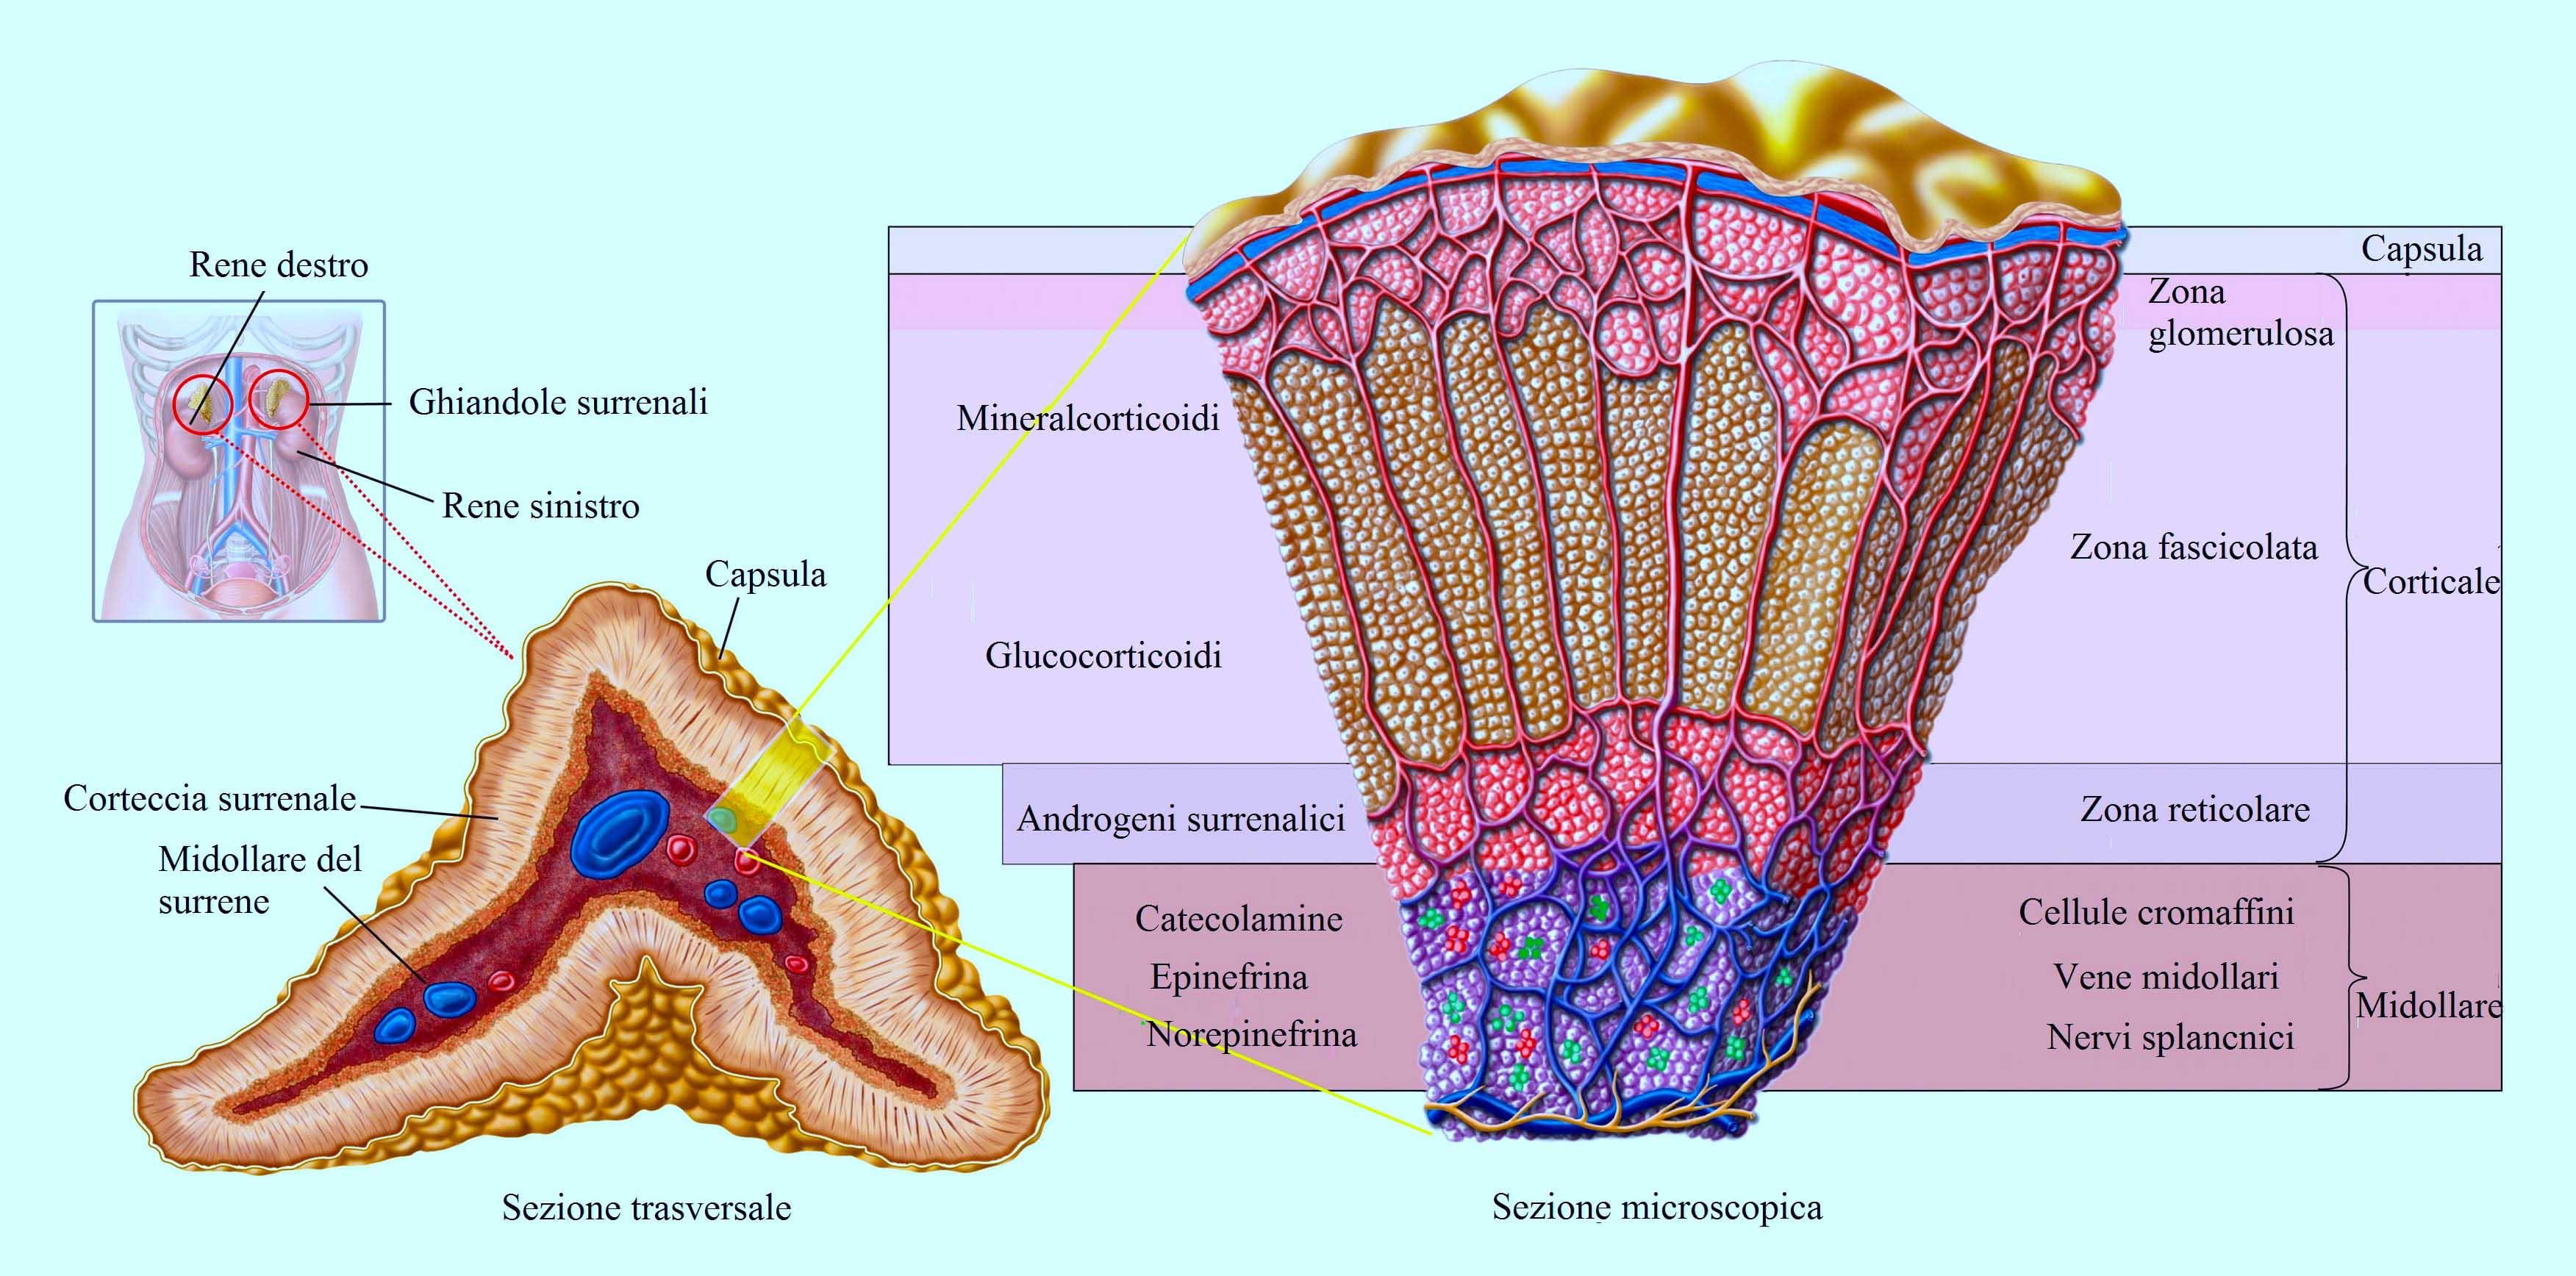 surrene,midollare,corteccia,androgeni,glucorticoidi,epinefrina